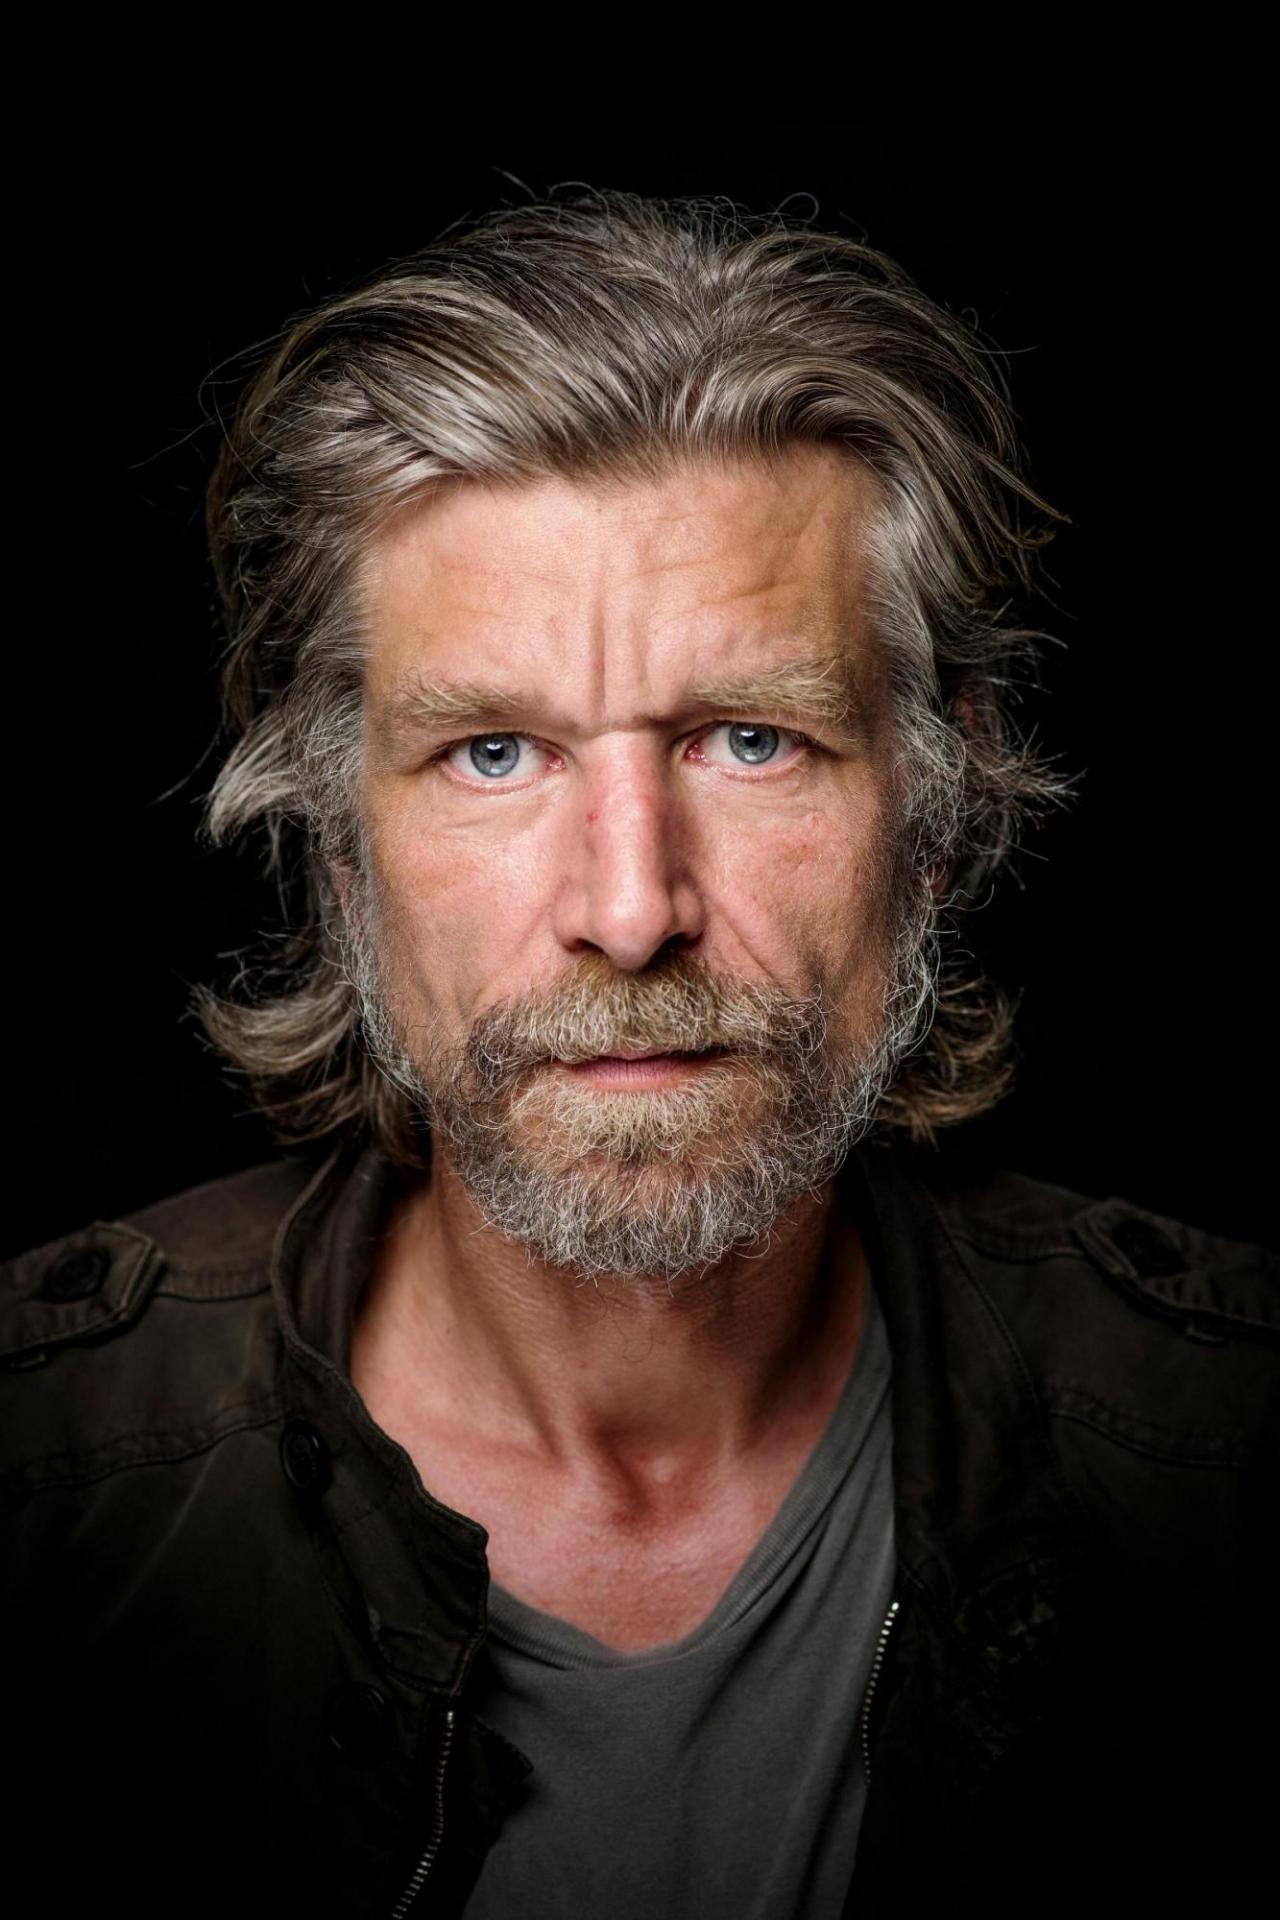 Karl Owe Knausgaardvon André Løyning